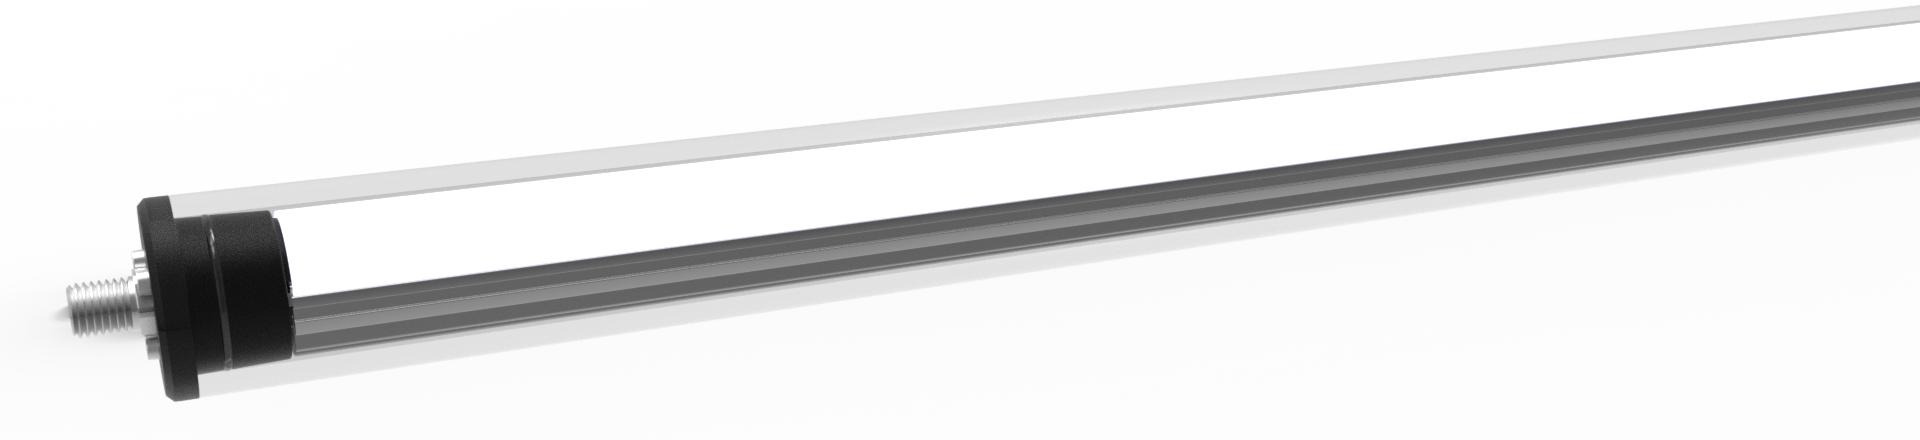 LED Rohrleuchte für Maschinen